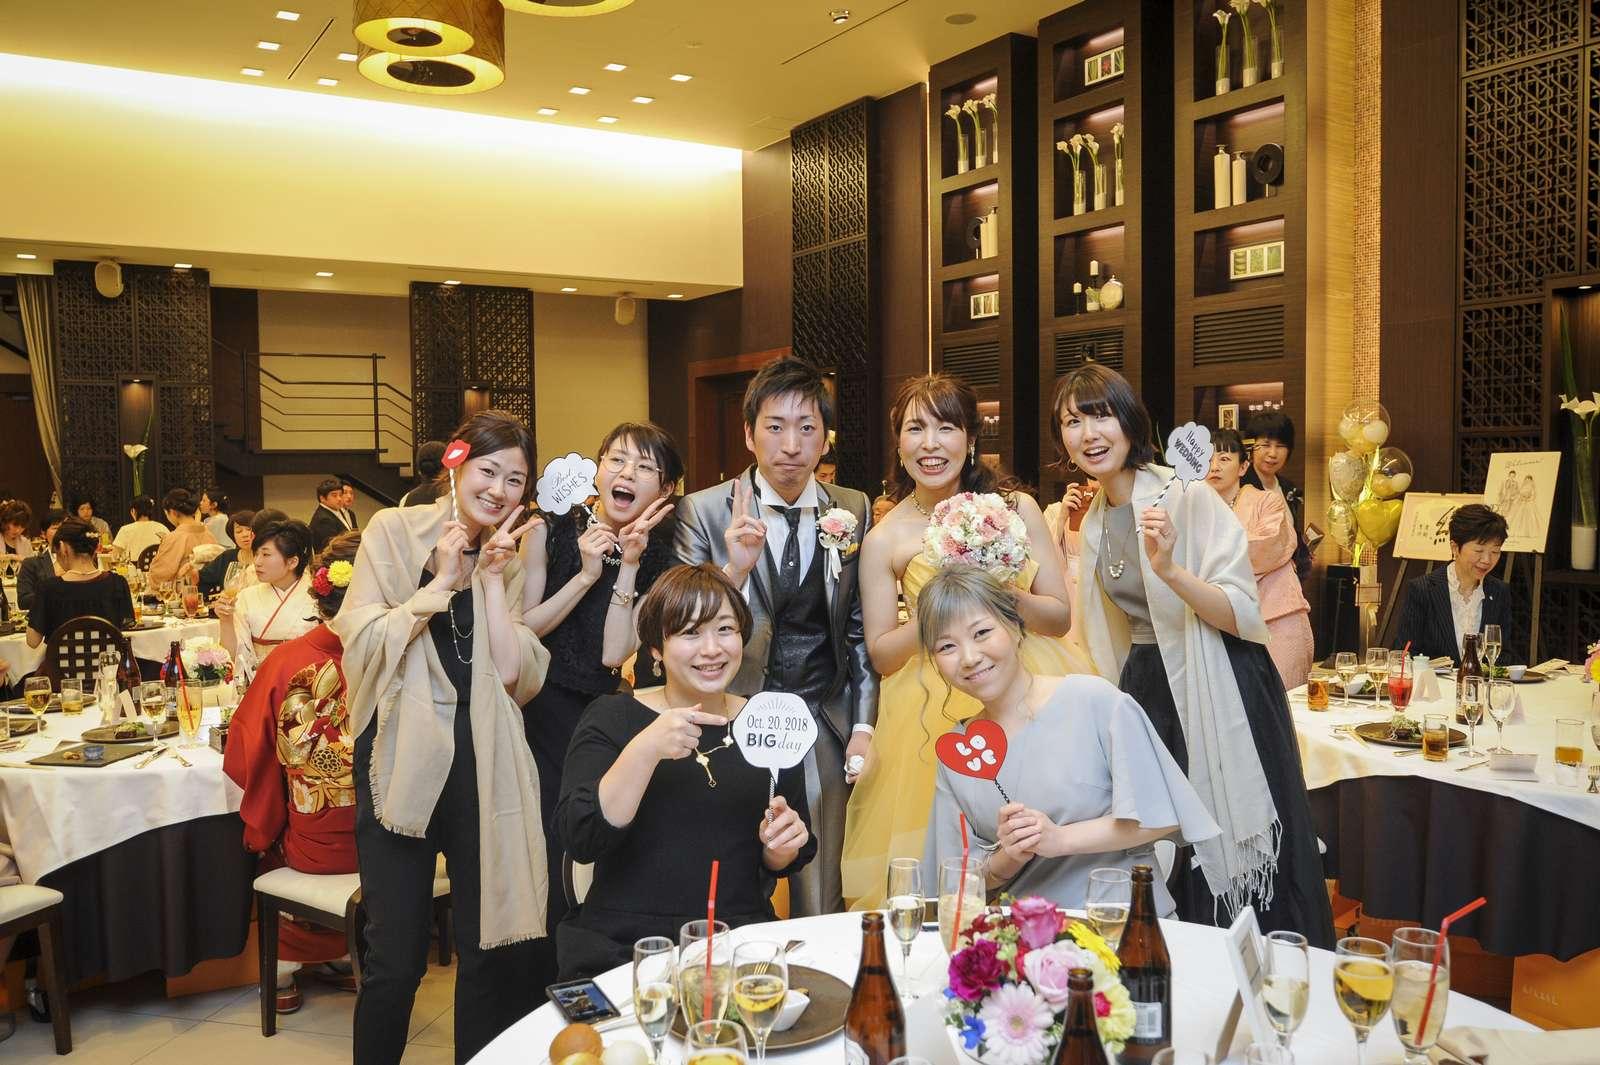 徳島市の結婚式場ブランアンジュで披露宴で新郎新婦様とゲストとの仲良し写真